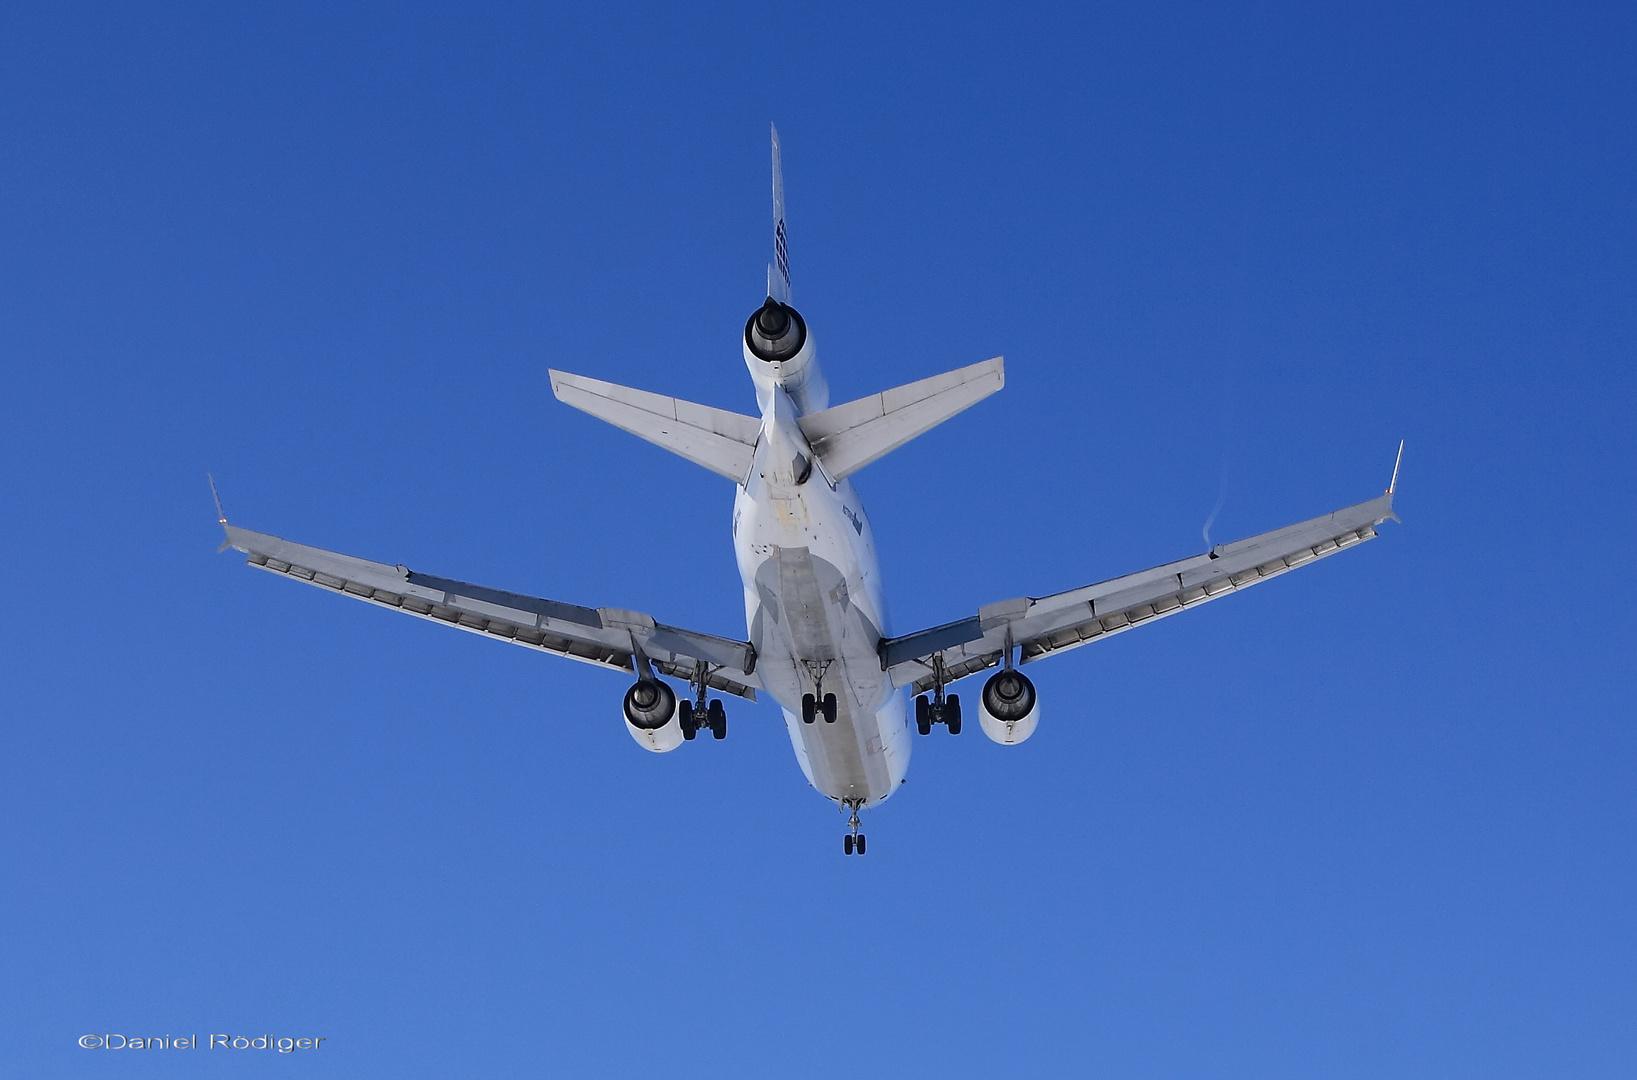 MD-11 kurz vom Aufsetzen in LEJ